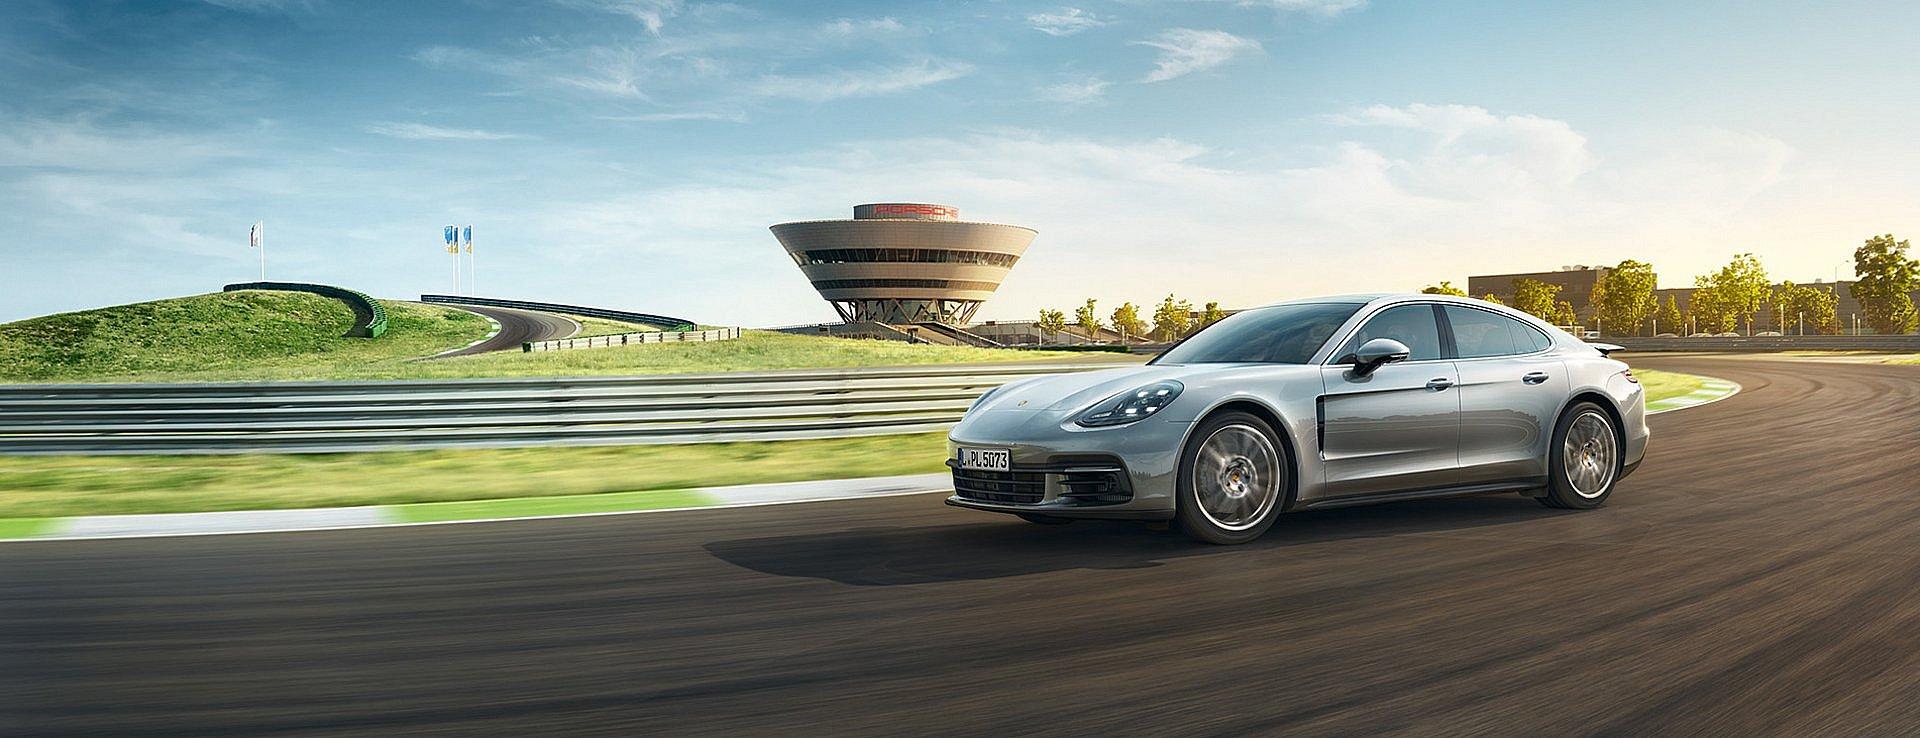 porsche warm upjetzt bewerben - Porsche Bewerbung